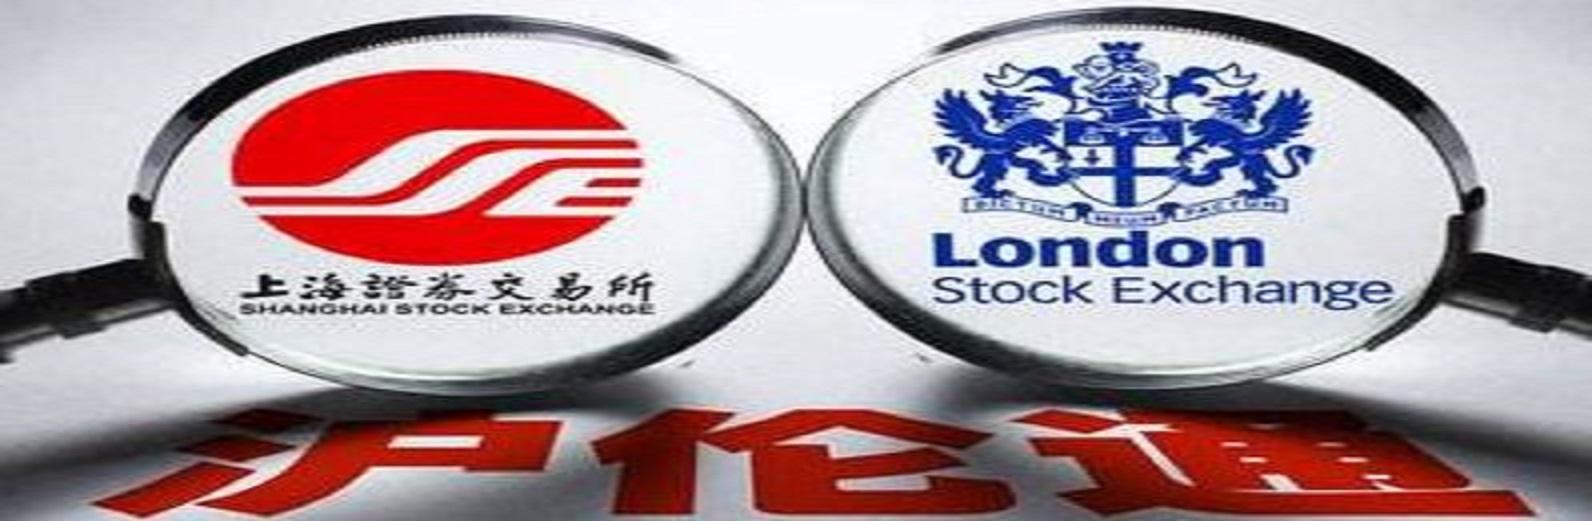 沪伦通今日在伦敦揭牌 华泰中华彩票手机版下载举行上市仪式